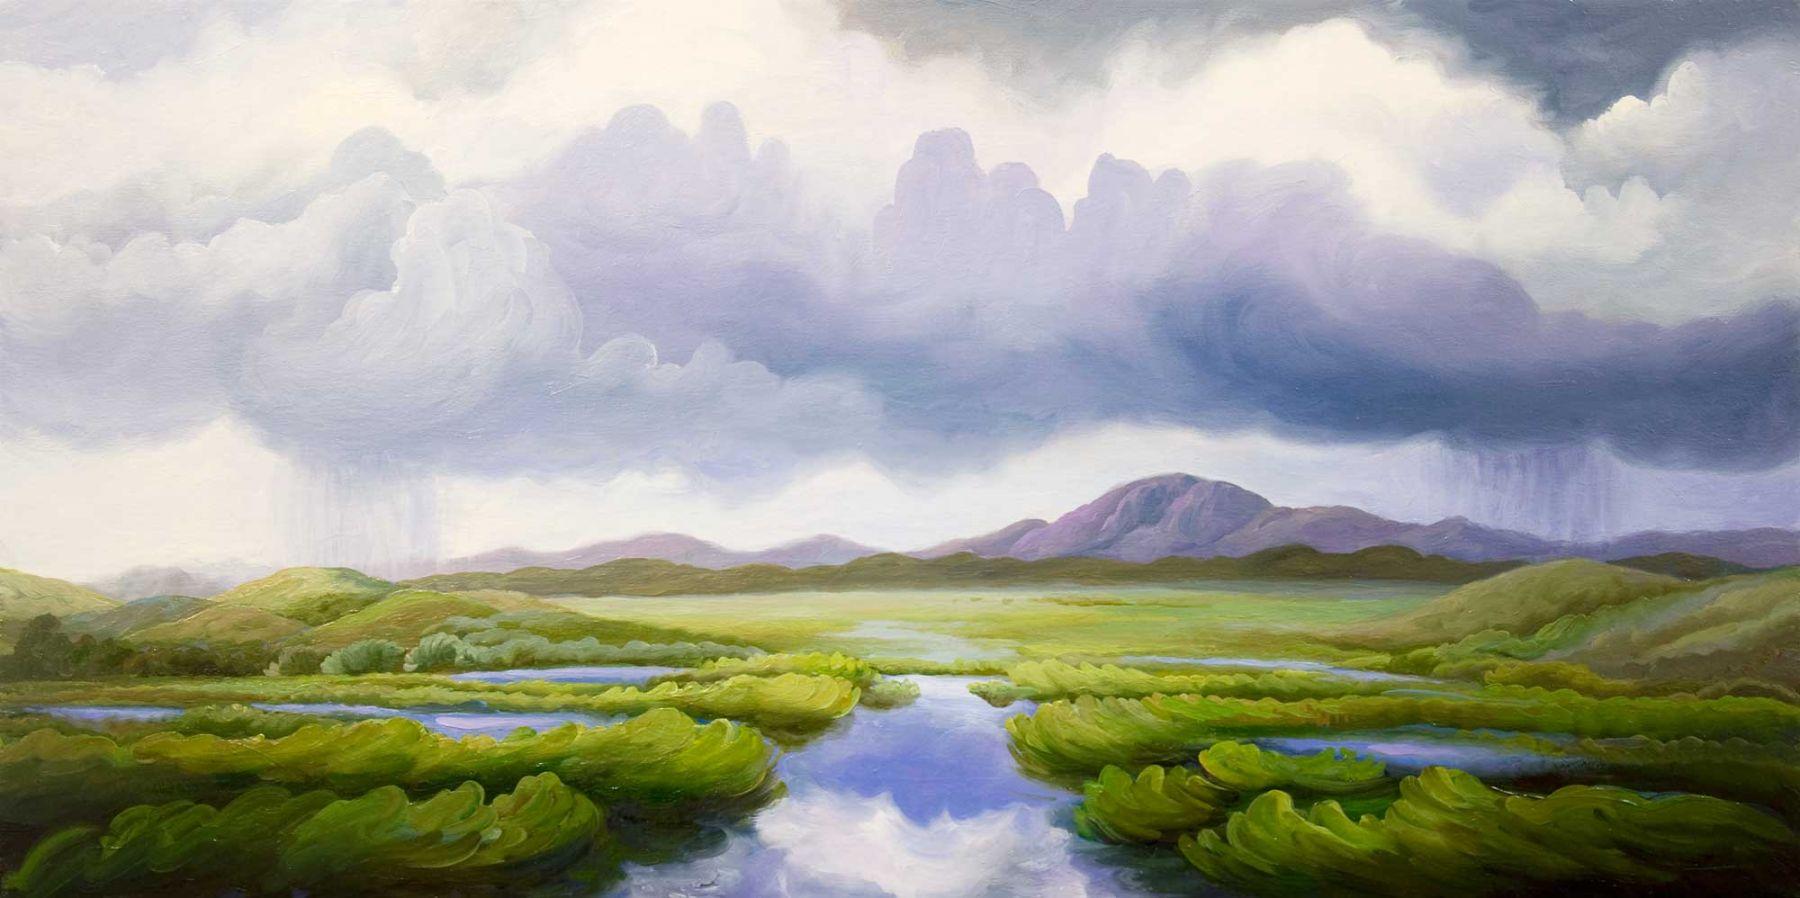 Phoebe Brunner, Sometimes A River